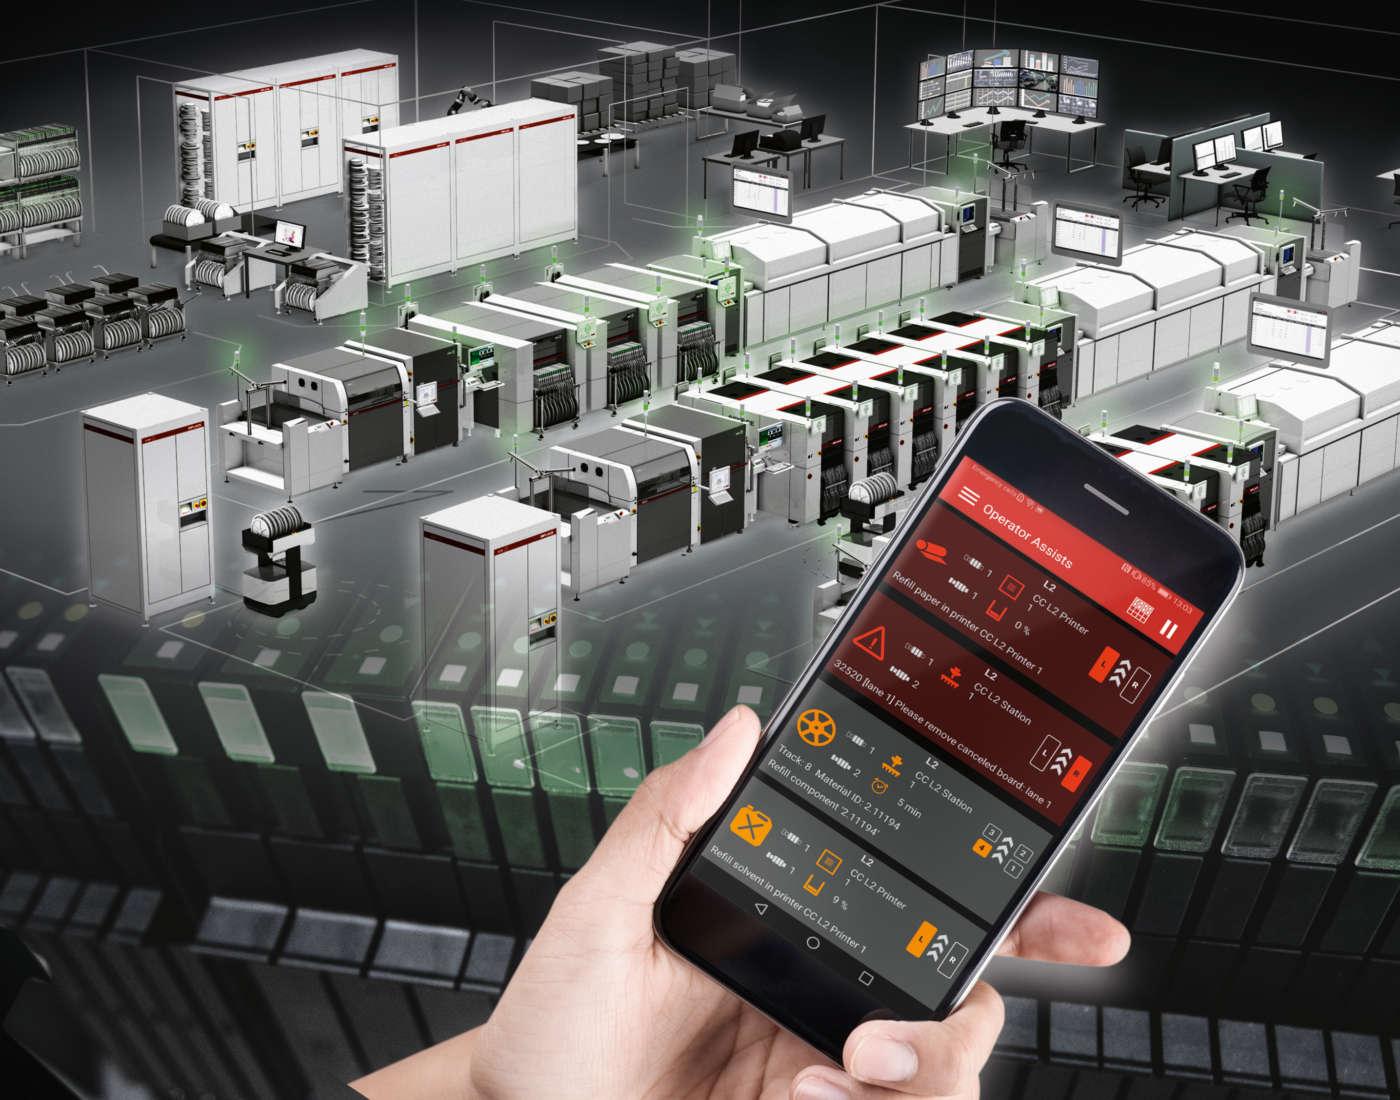 L'ASM Command Center automatizza la trasmissione di compiti e informazioni ai dipendenti. Rende le assegnazioni rigide un ricordo del passato, coordinando gli operatori in pool di lavoro intelligenti